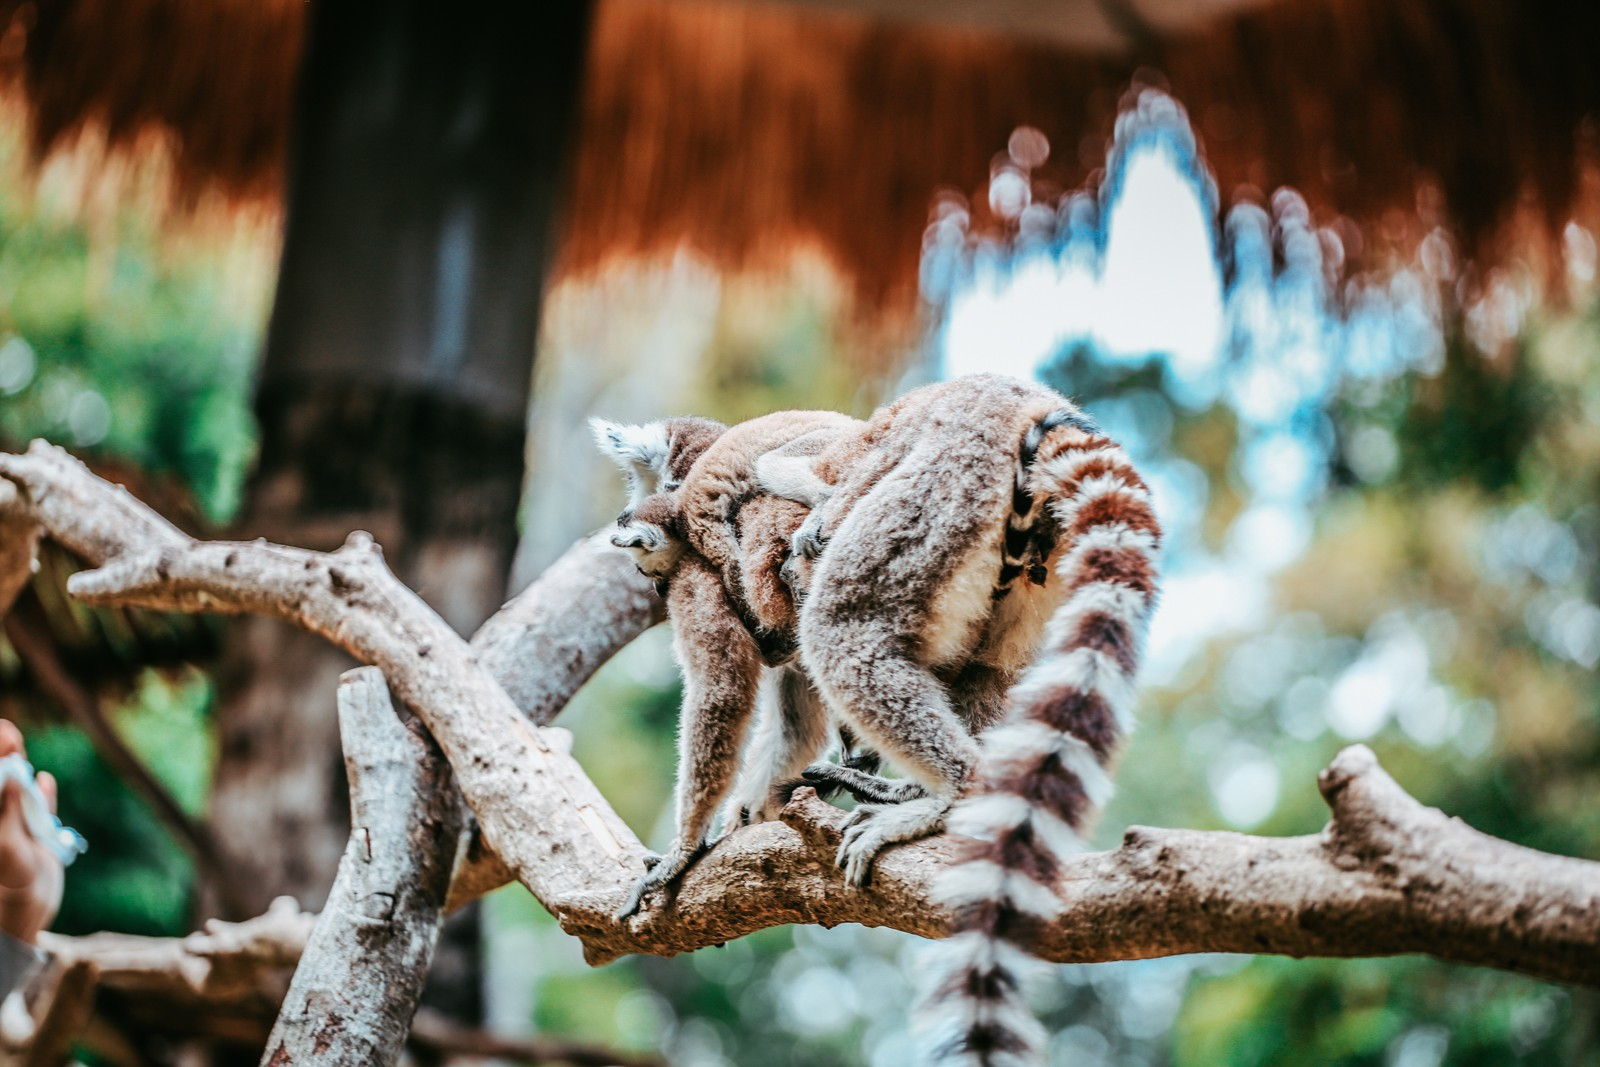 Ngắm những cặp mẹ con thú hoang dã đáng yêu ở Vinpearl Safari Phú Quốc - Ảnh 15.